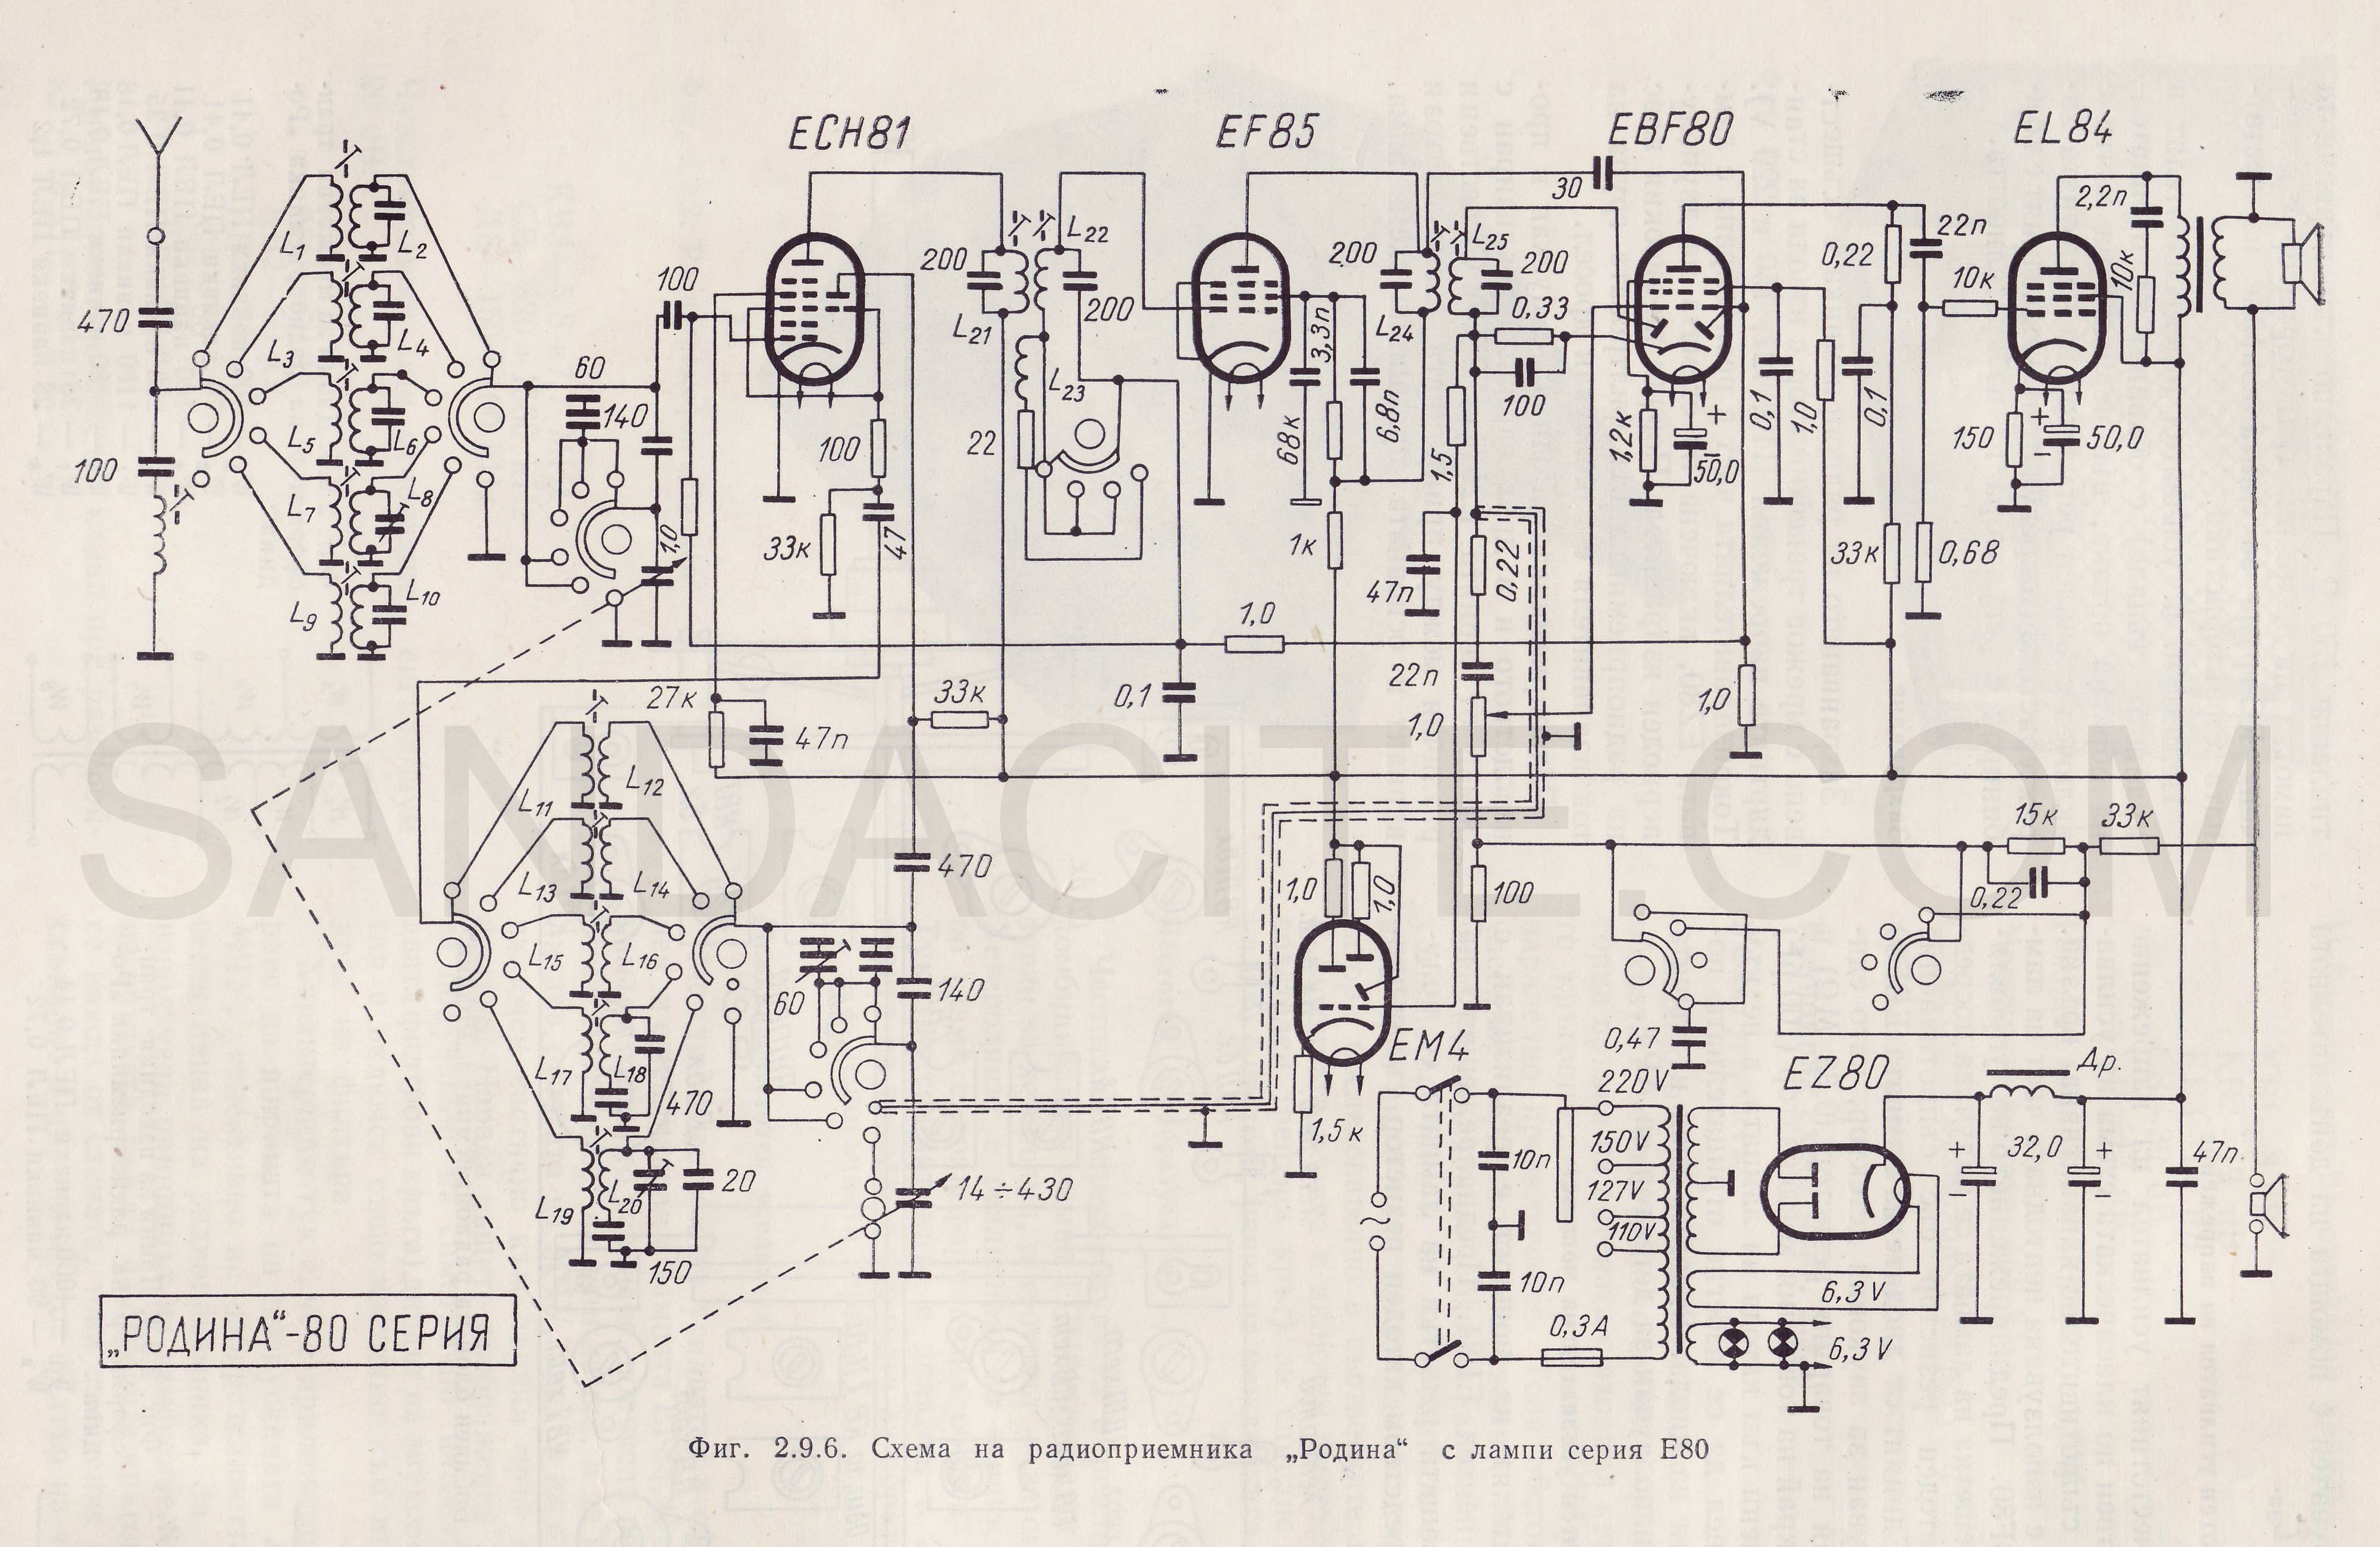 Родина с лампи серия Е80